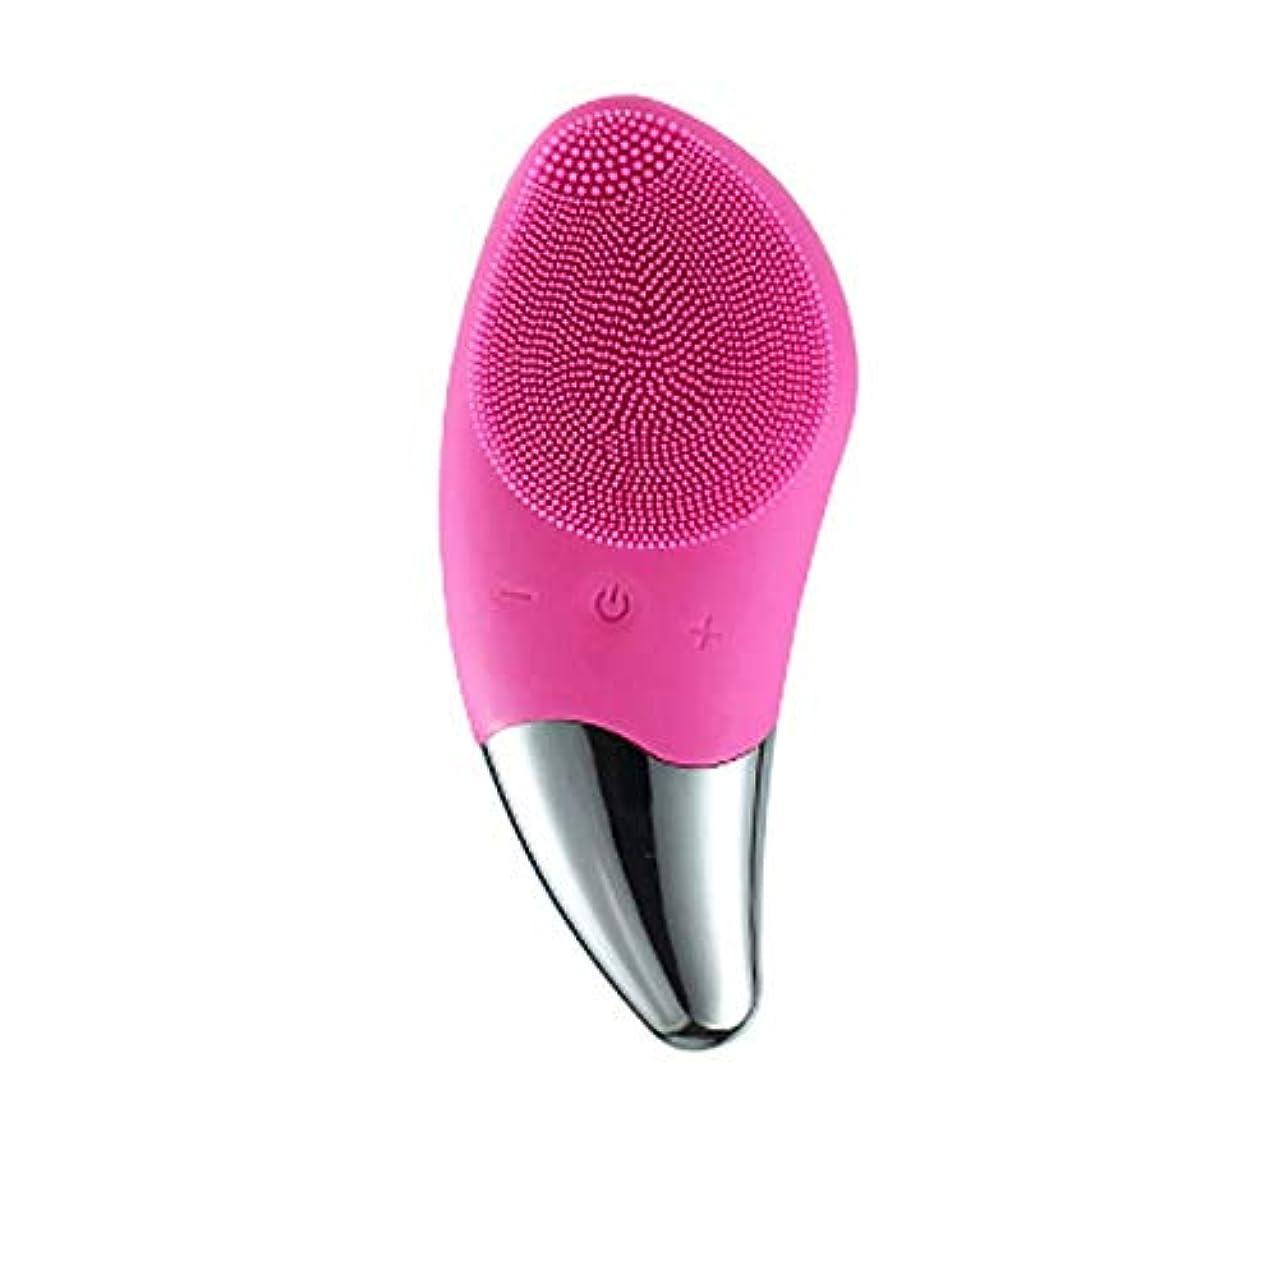 のど伝染性の名門新しい115°F加熱クレンジング器具シリコーン洗浄器具電動洗浄ブラシ洗浄アーチファクト毛穴洗浄ブラシ